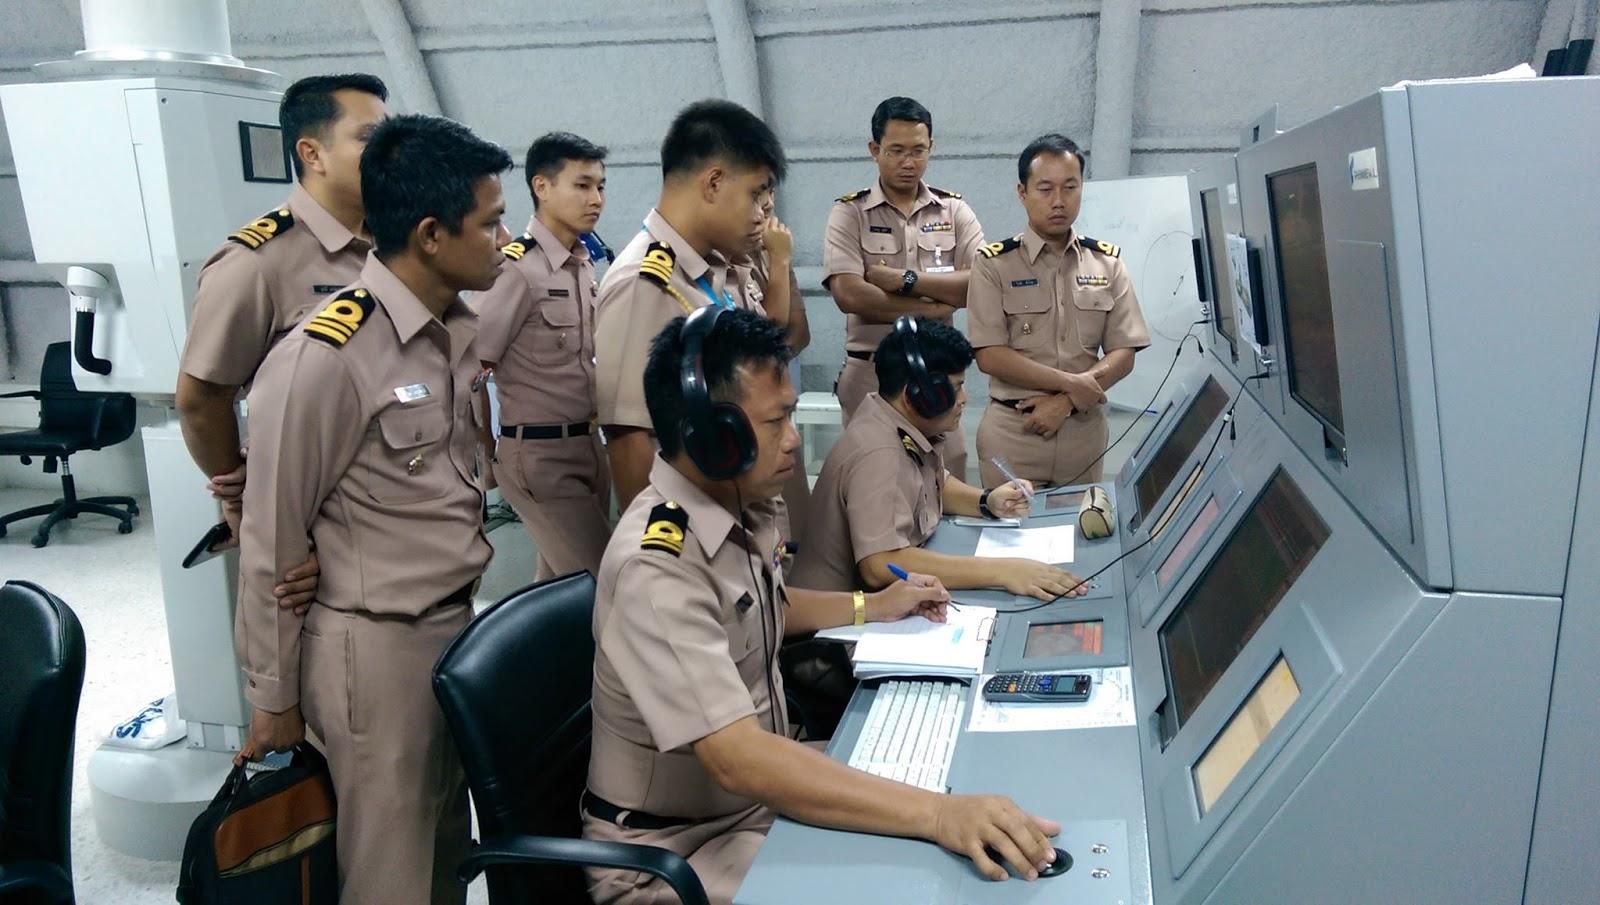 ESPECIAL 'Thai Salad': Marinha tailandesa treina, em um simulador de submarinos alemão, o seu pessoal que vai operar três submarinos chineses…